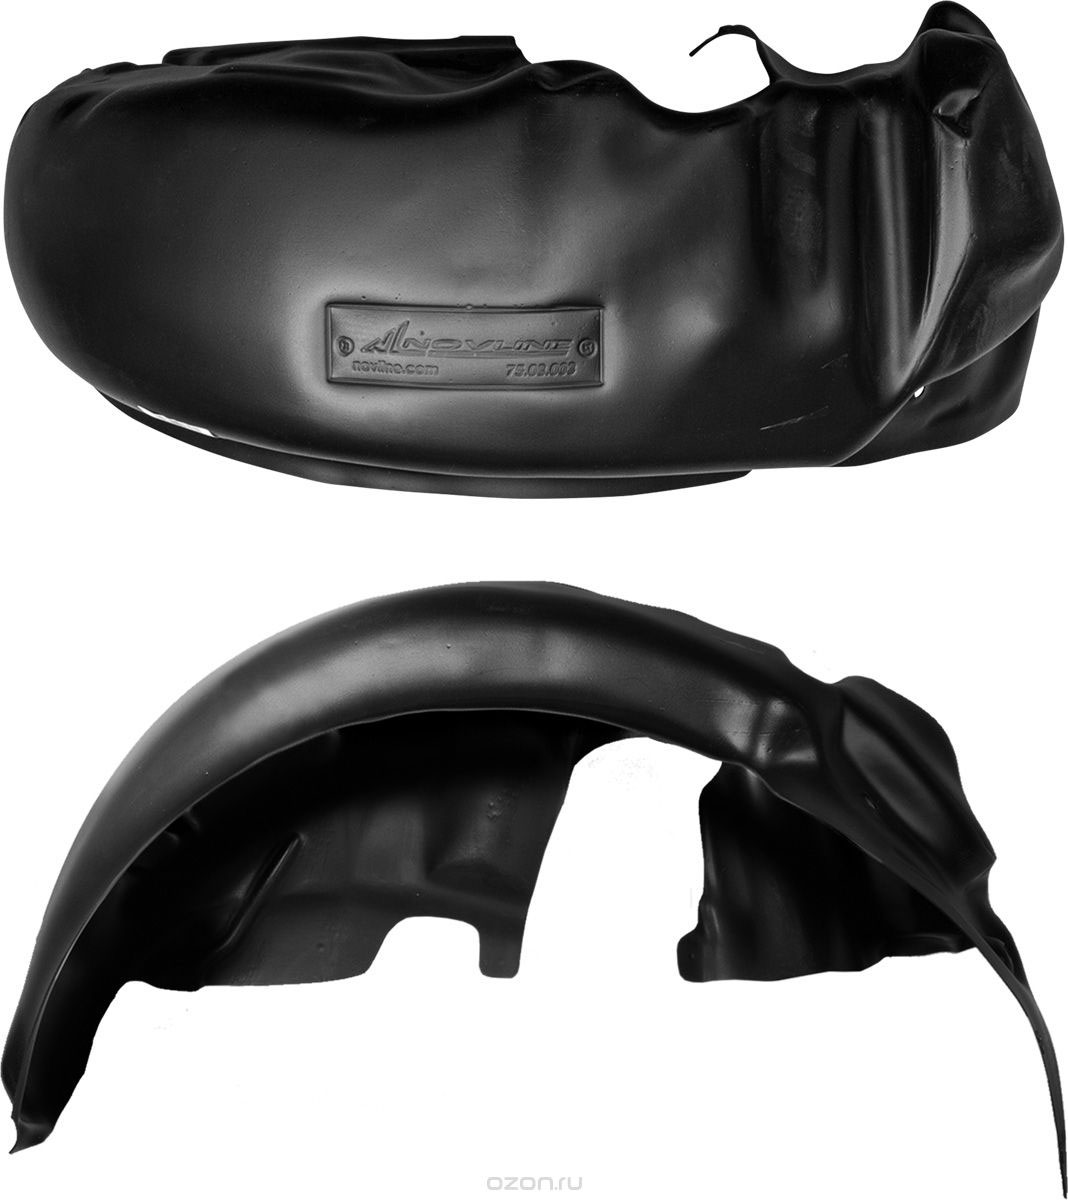 Подкрылок Novline-Autofamily, для Toyota Corolla, 2013->, передний правыйNLL.48.57.002Идеальная защита колесной ниши. Локеры разработаны с применением цифровых технологий, гарантируют максимальную повторяемость поверхности арки. Изделия устанавливаются без нарушения лакокрасочного покрытия автомобиля, каждый подкрылок комплектуется крепежом. Уважаемые клиенты, обращаем ваше внимание, что фотографии на подкрылки универсальные и не отражают реальную форму изделия. При этом само изделие идет точно под размер указанного автомобиля.